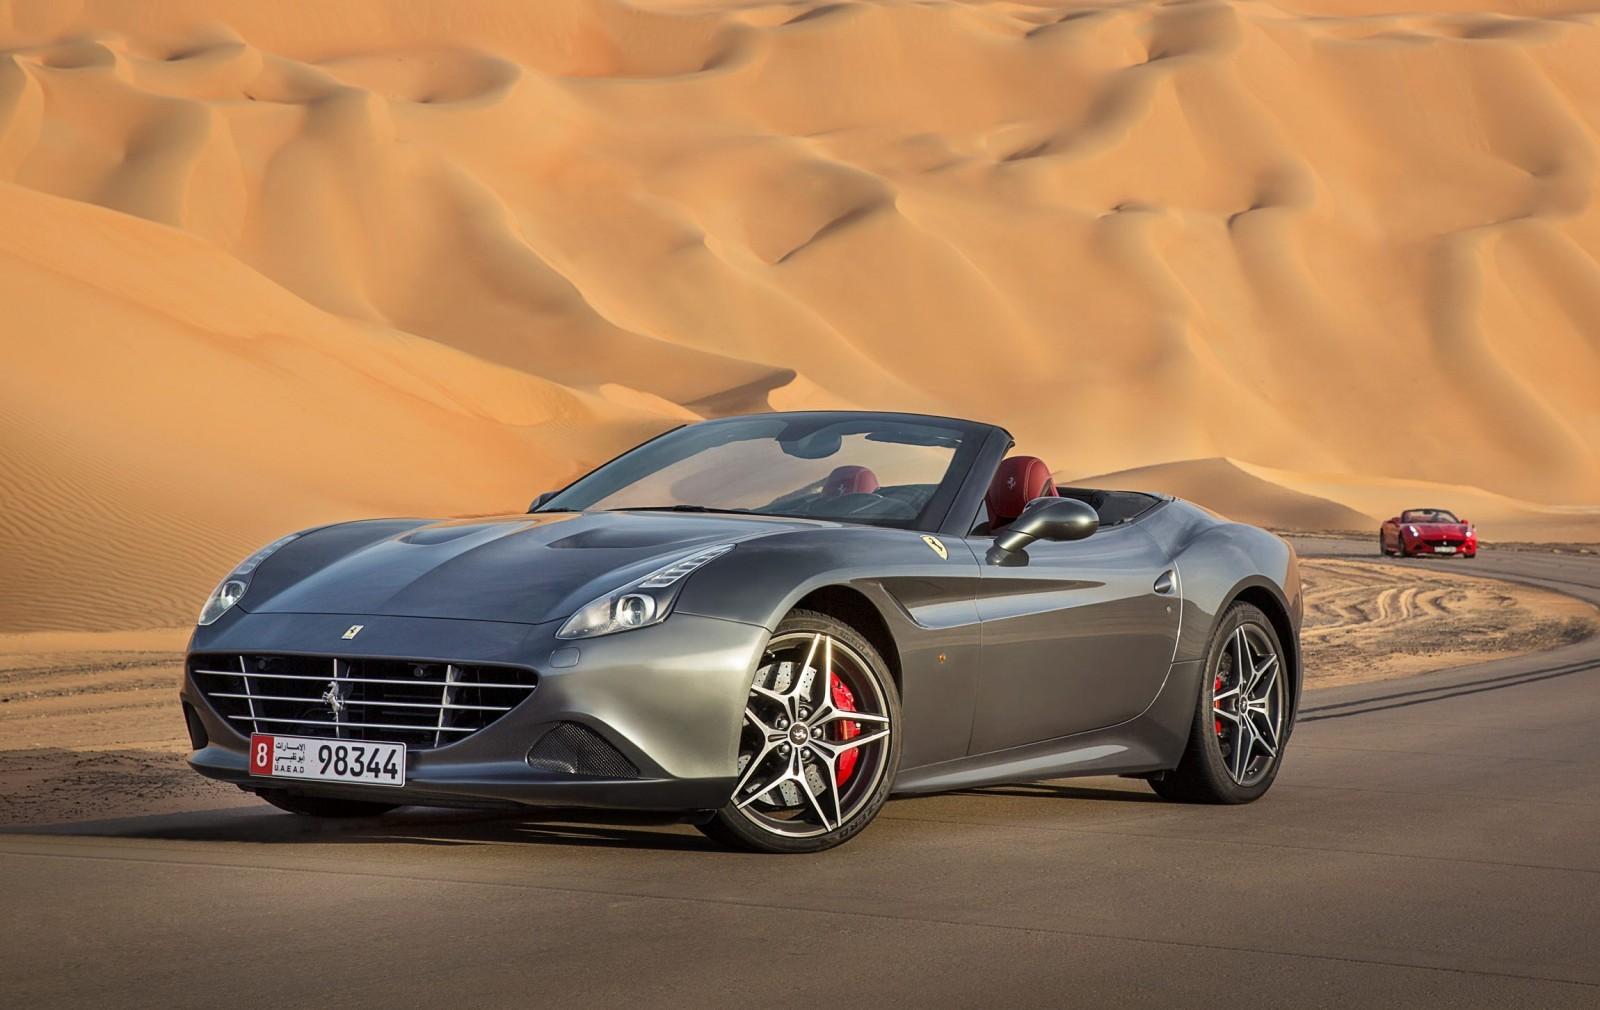 2016 Ferrari California T Deserto Rosso Car Revs Daily Com